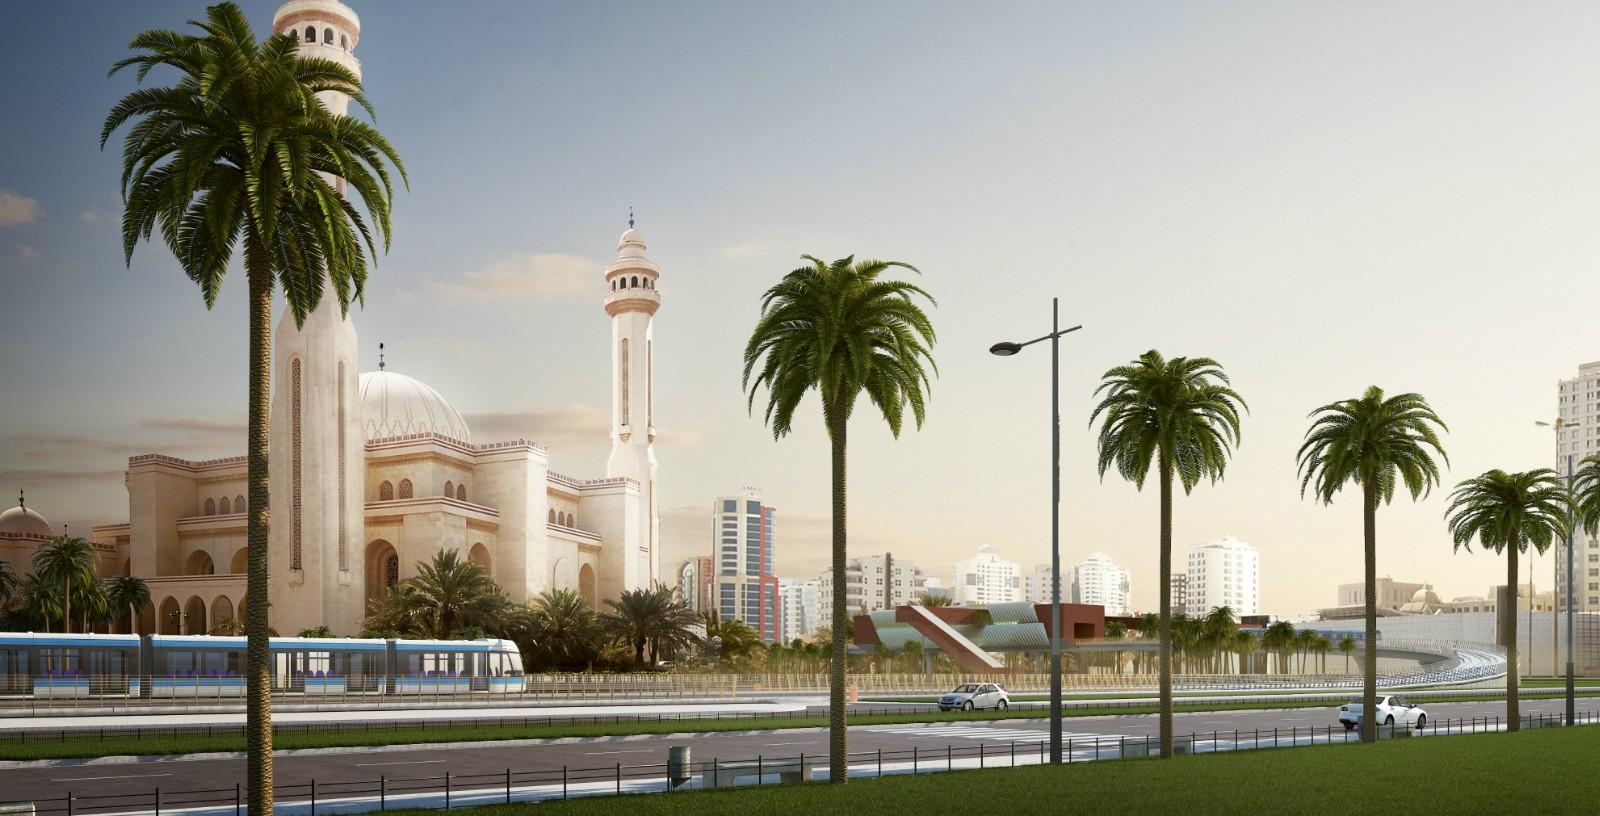 Al-Fateh_Grand_Mosque_Metro_Bahrain_IDOM_2